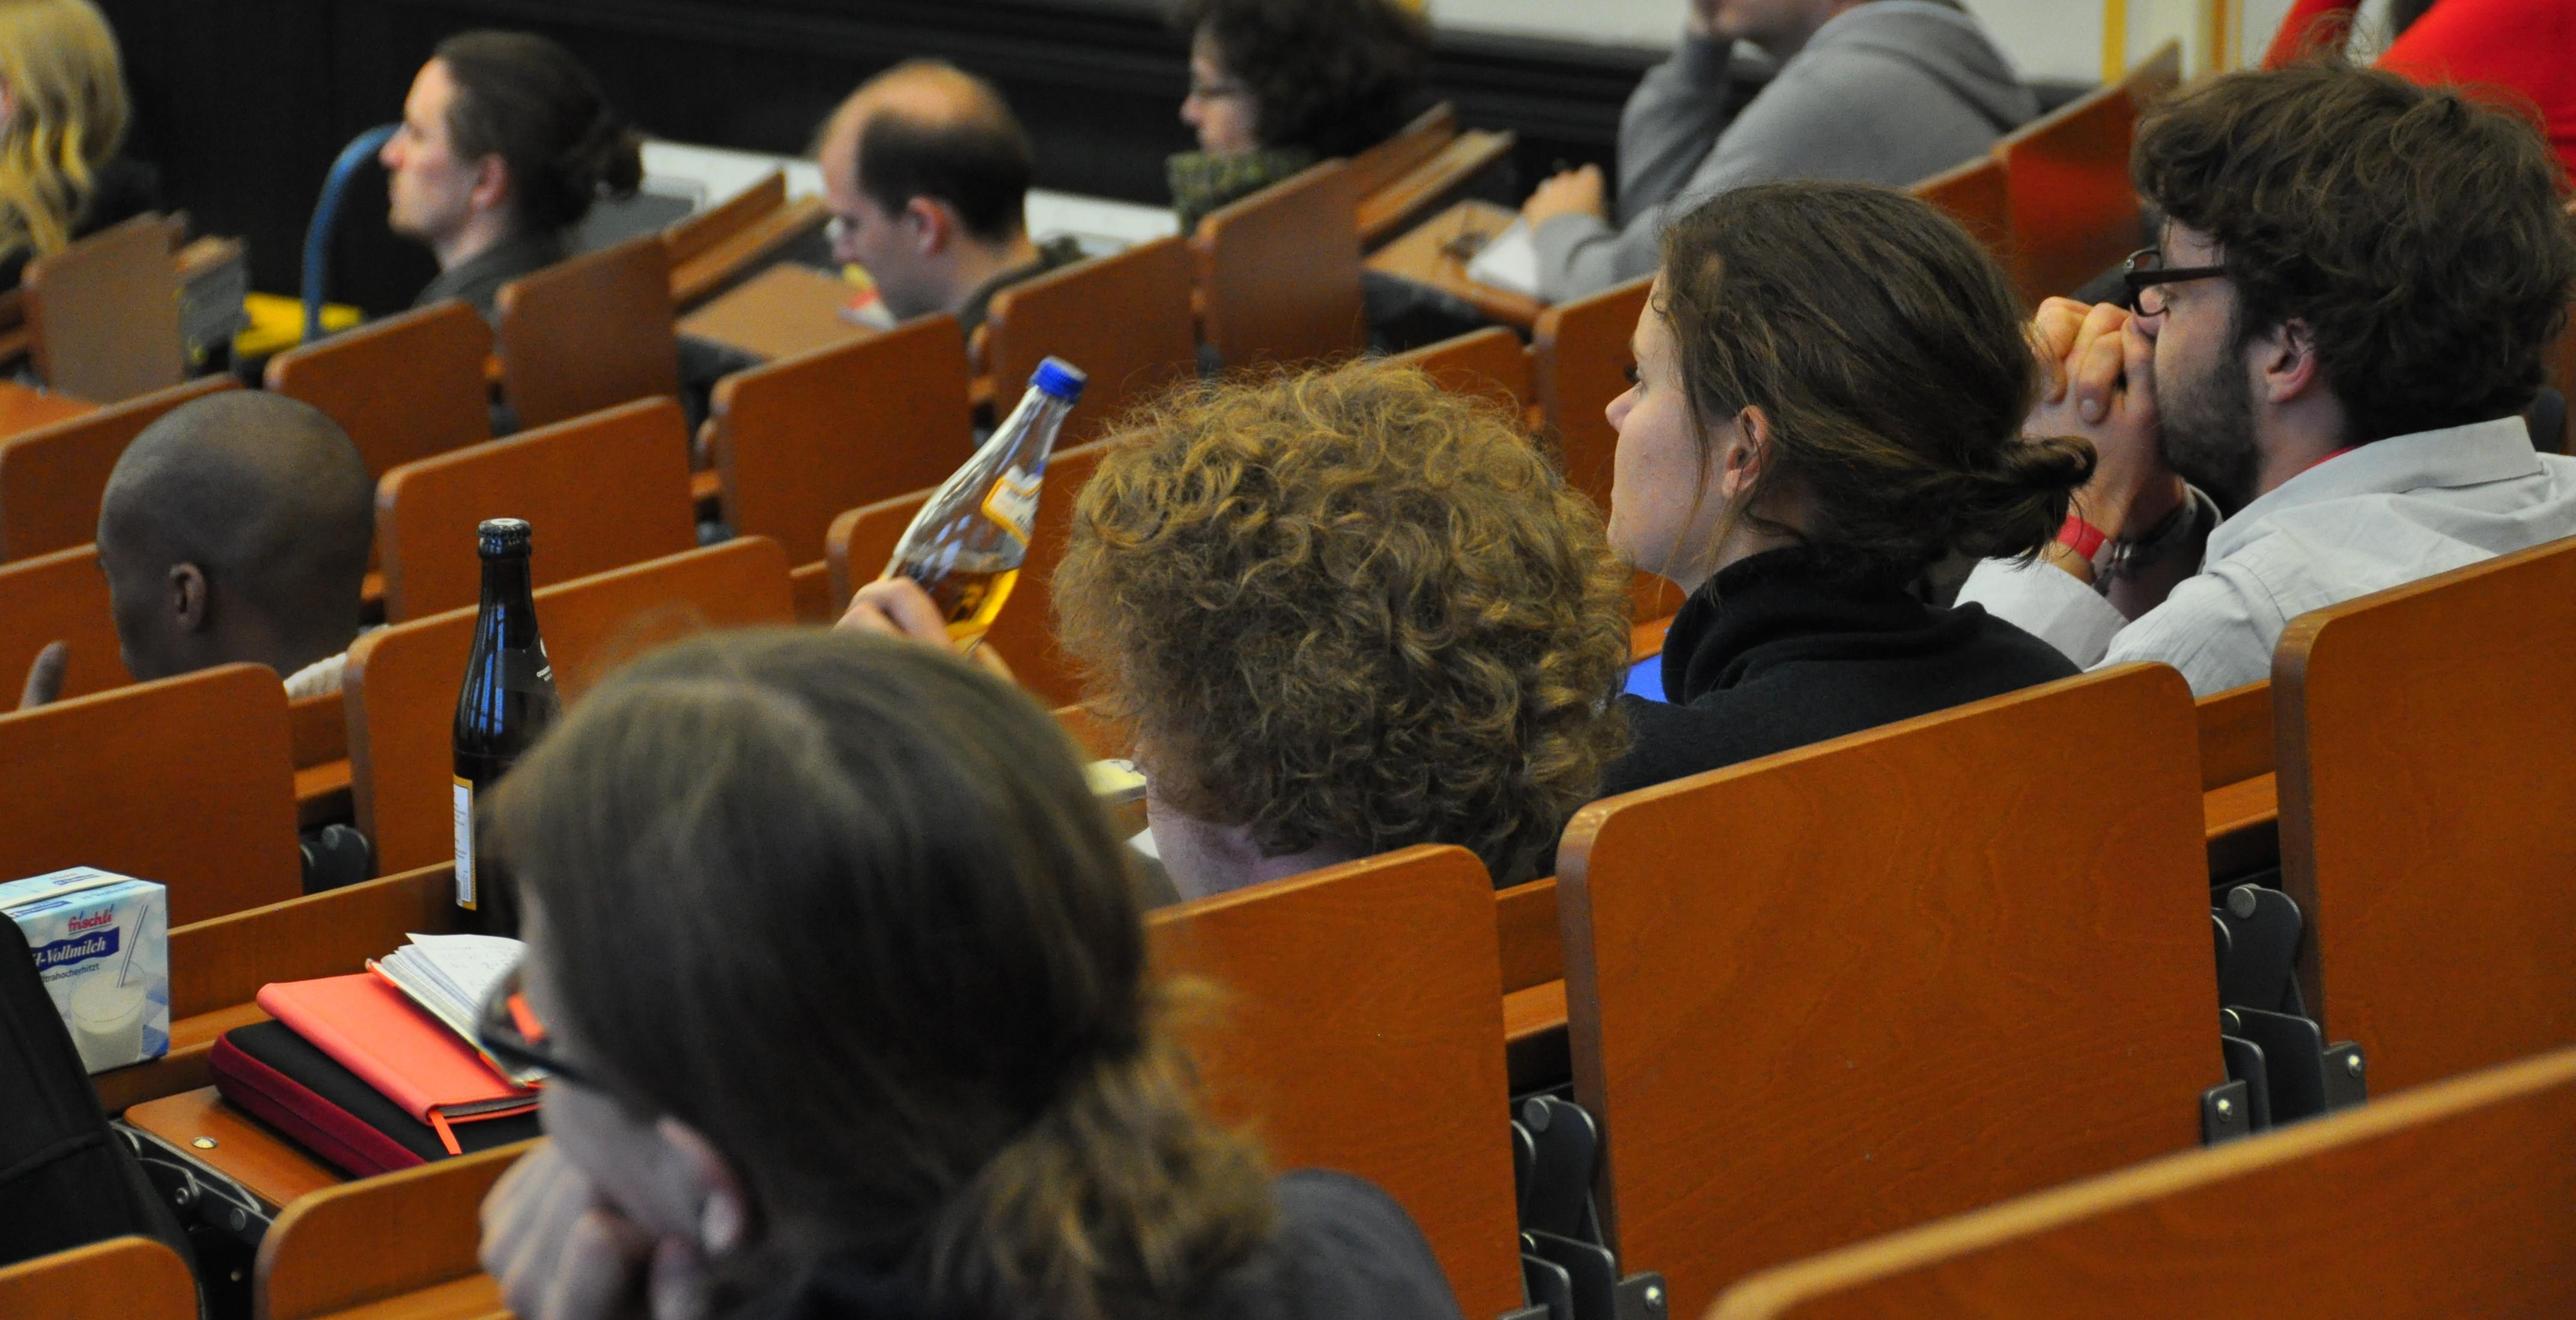 Podium: Journalismus zwischen Engagement, Werten und Neutralität